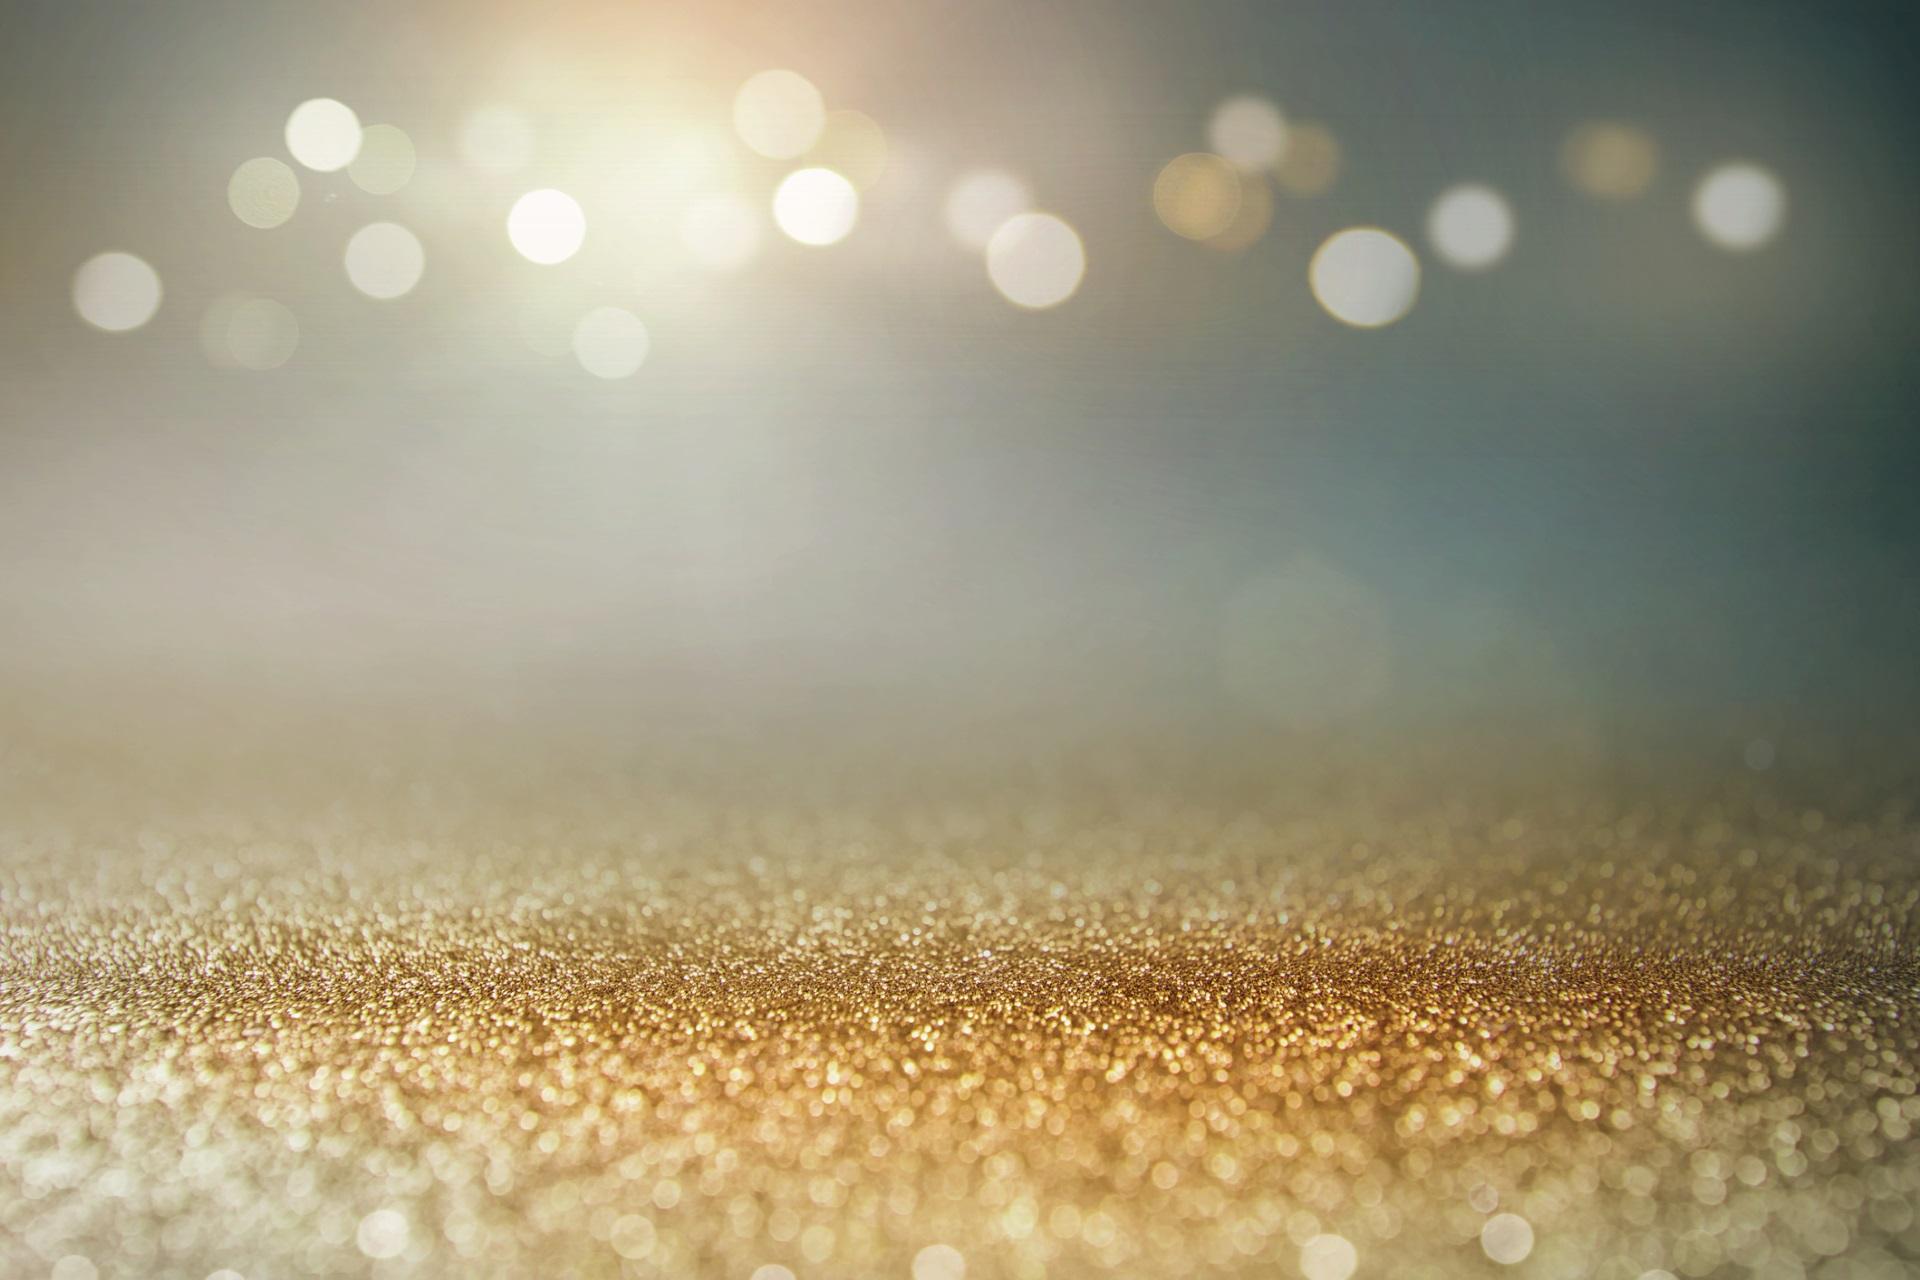 <p>На 28 март православната църква почита паметта на Св. мъченик Боян &ndash; Енравота.Княз Боян Български е познат като първия български мъченик, умрял за християнската вяра. Имен ден имат всички, кръстени Боян, Бояна, Боянка, Албена, Бойко, Бойка, Боко.</p>